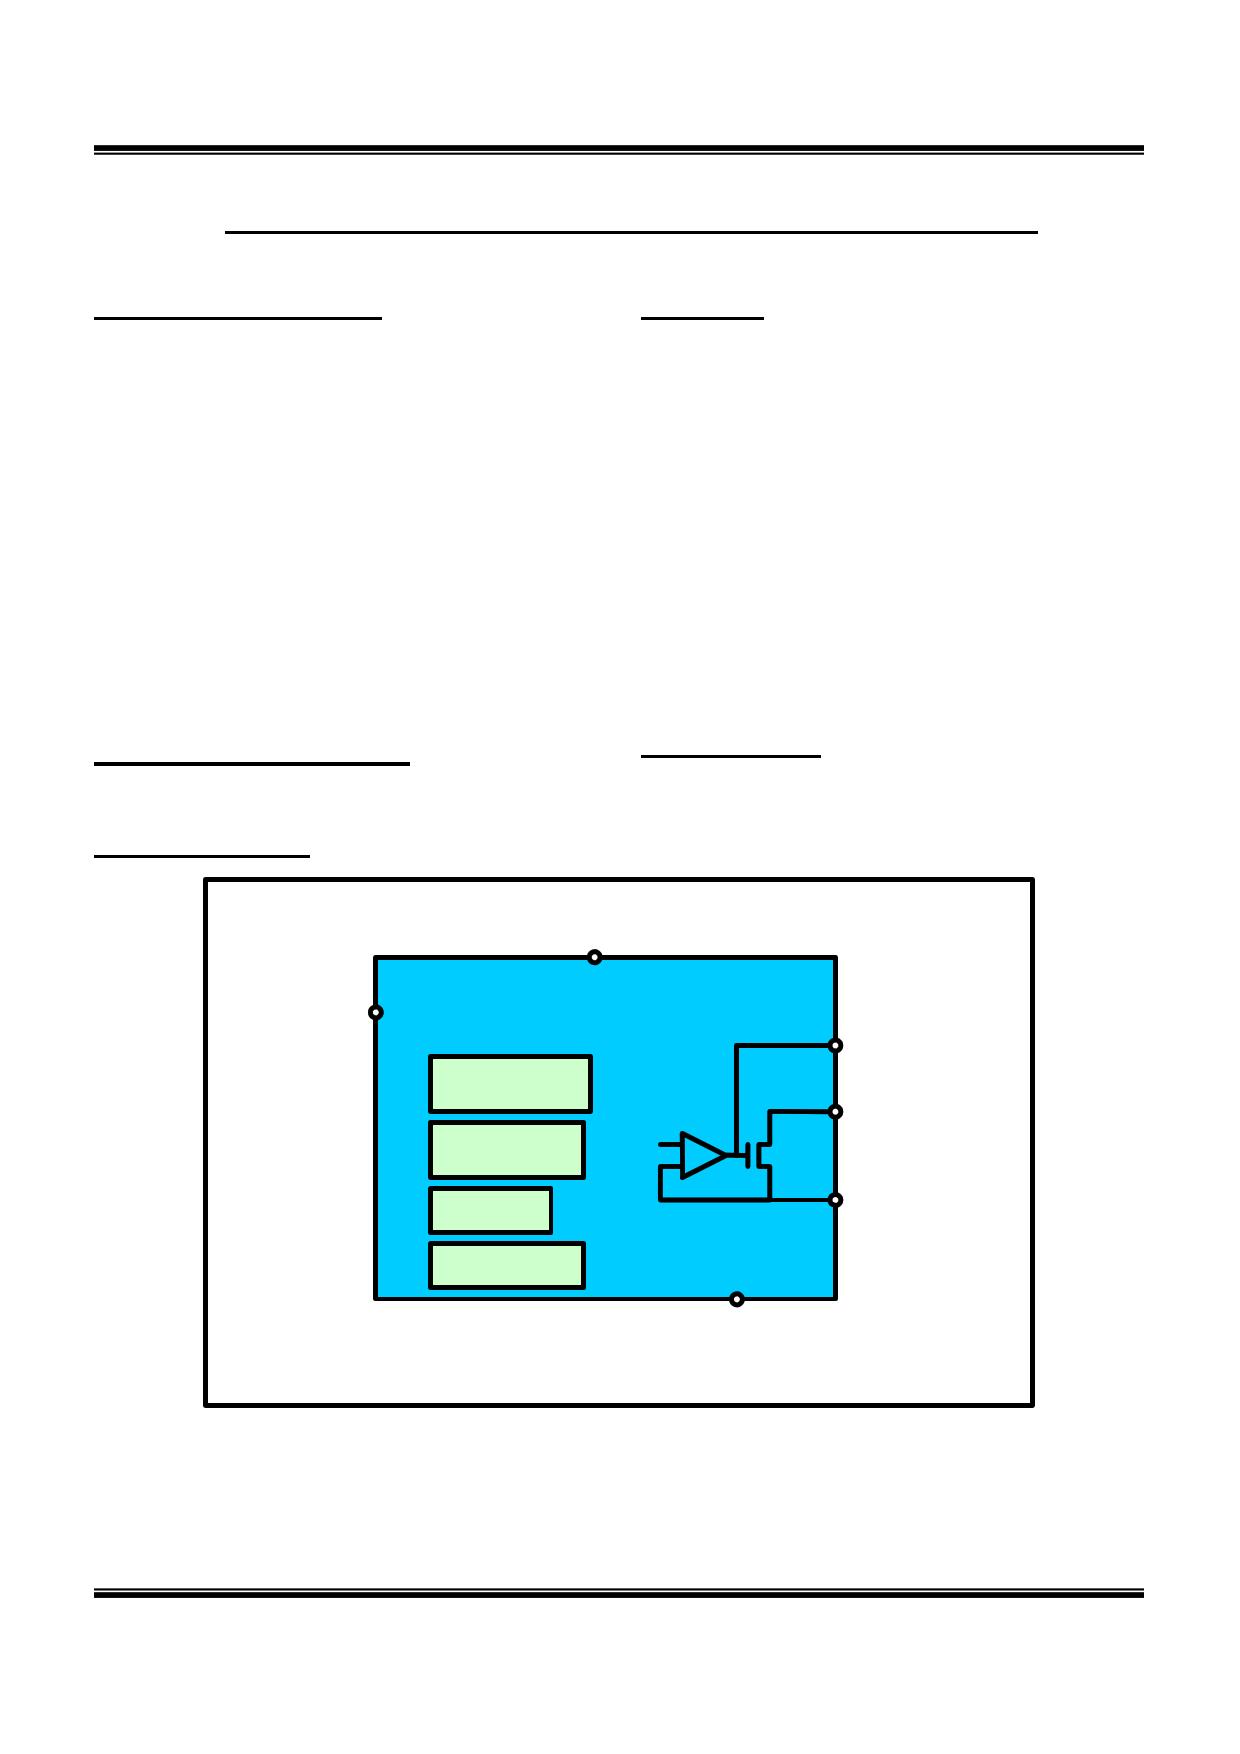 AMC7136 datasheet, circuit